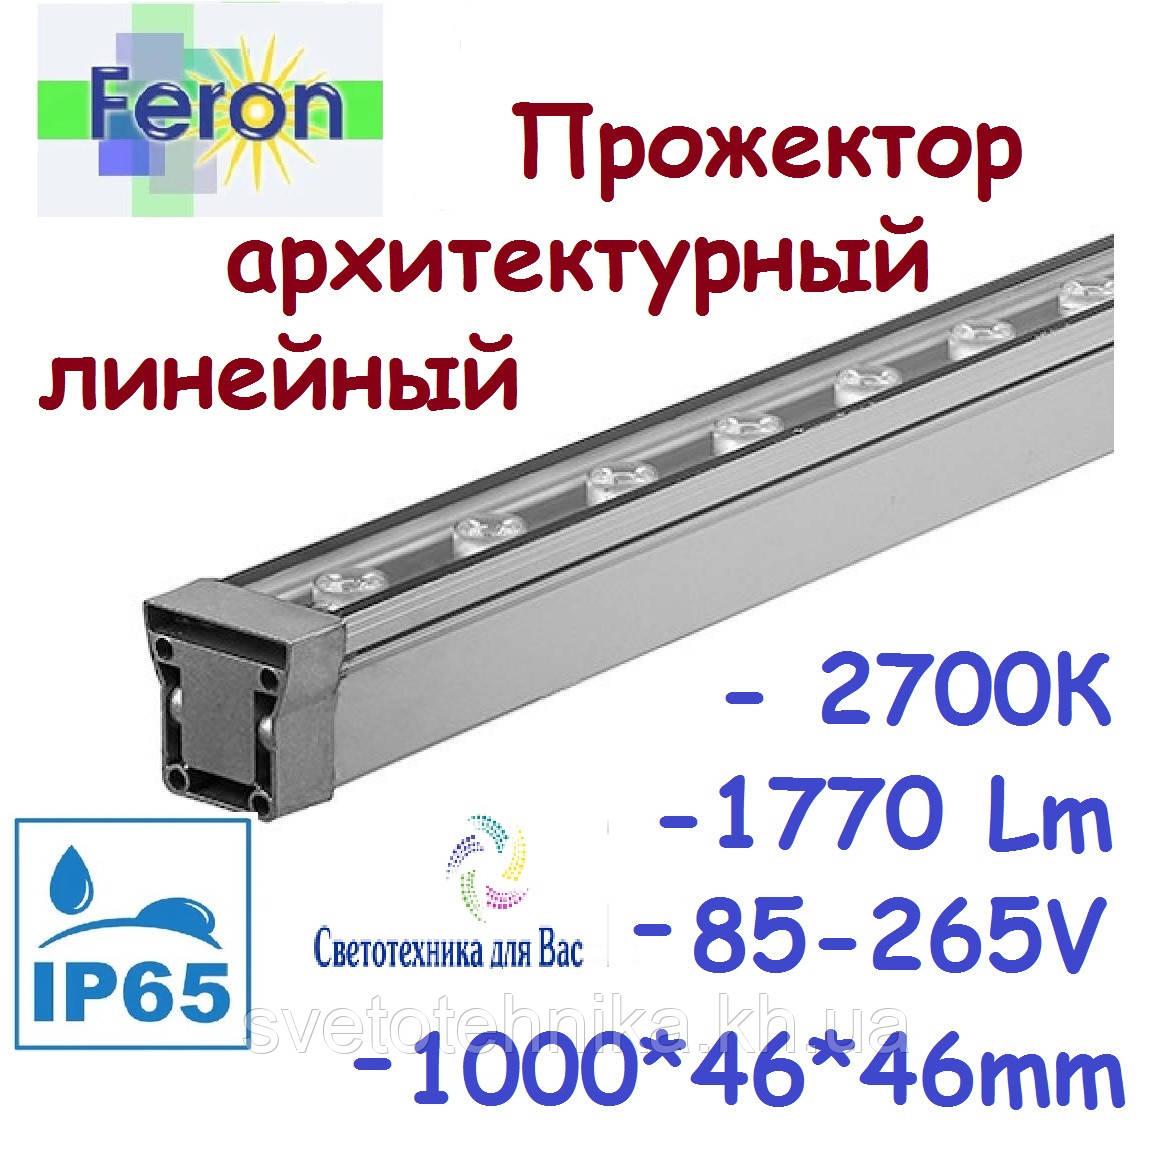 Архитектурный прожектор светодиодный Feron LL-889 18w IP65 2700K 1770Lm